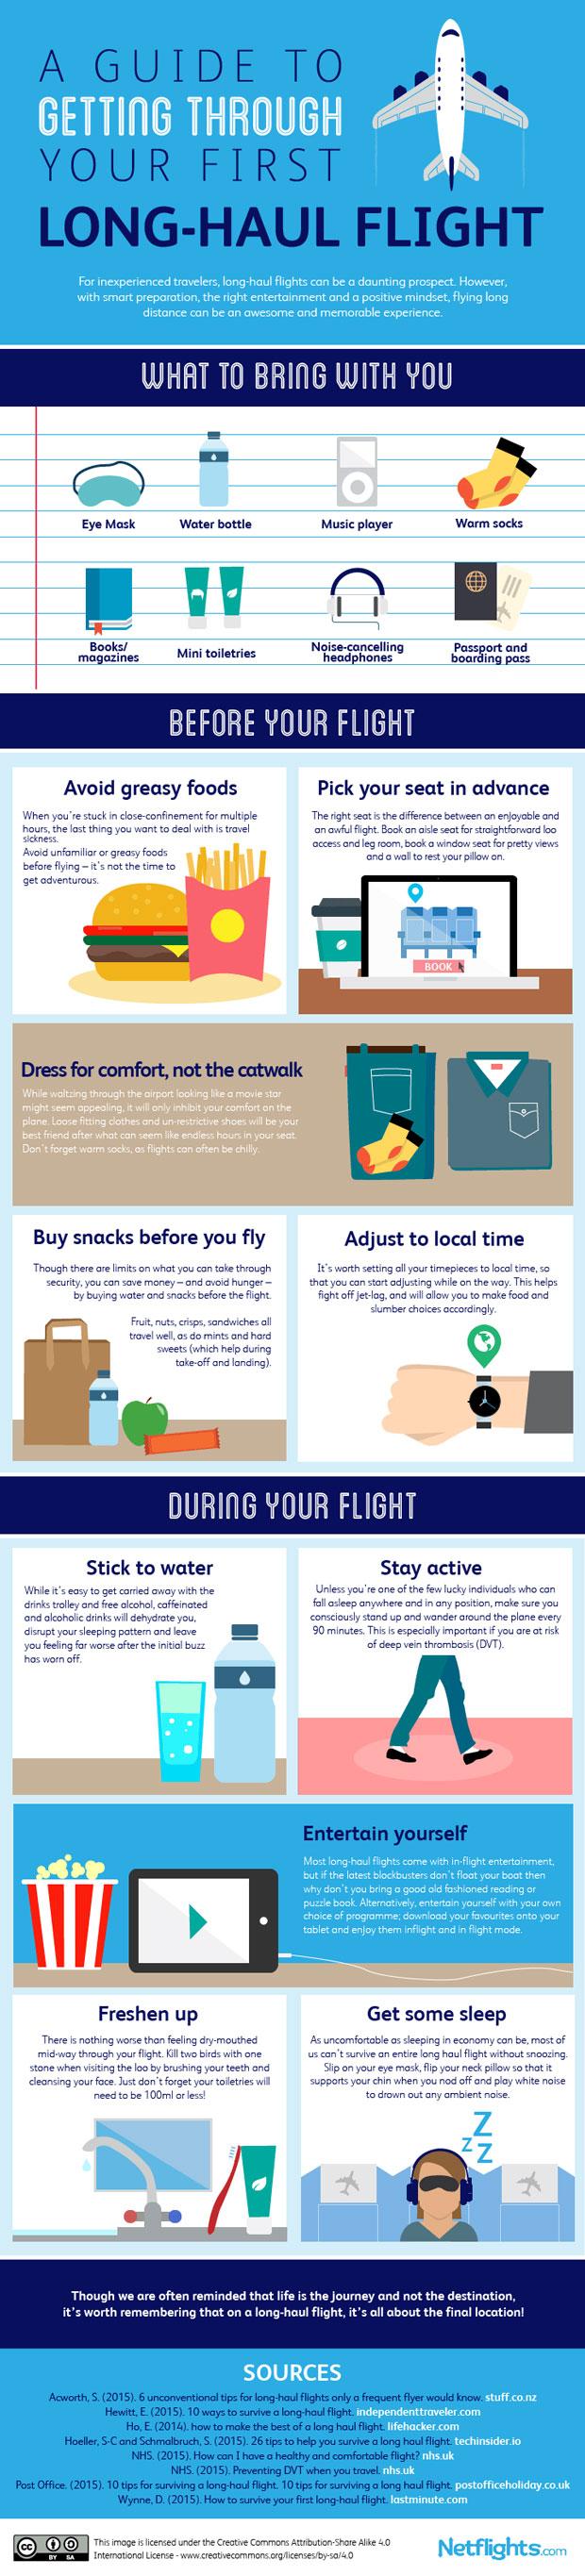 long-haul-flight